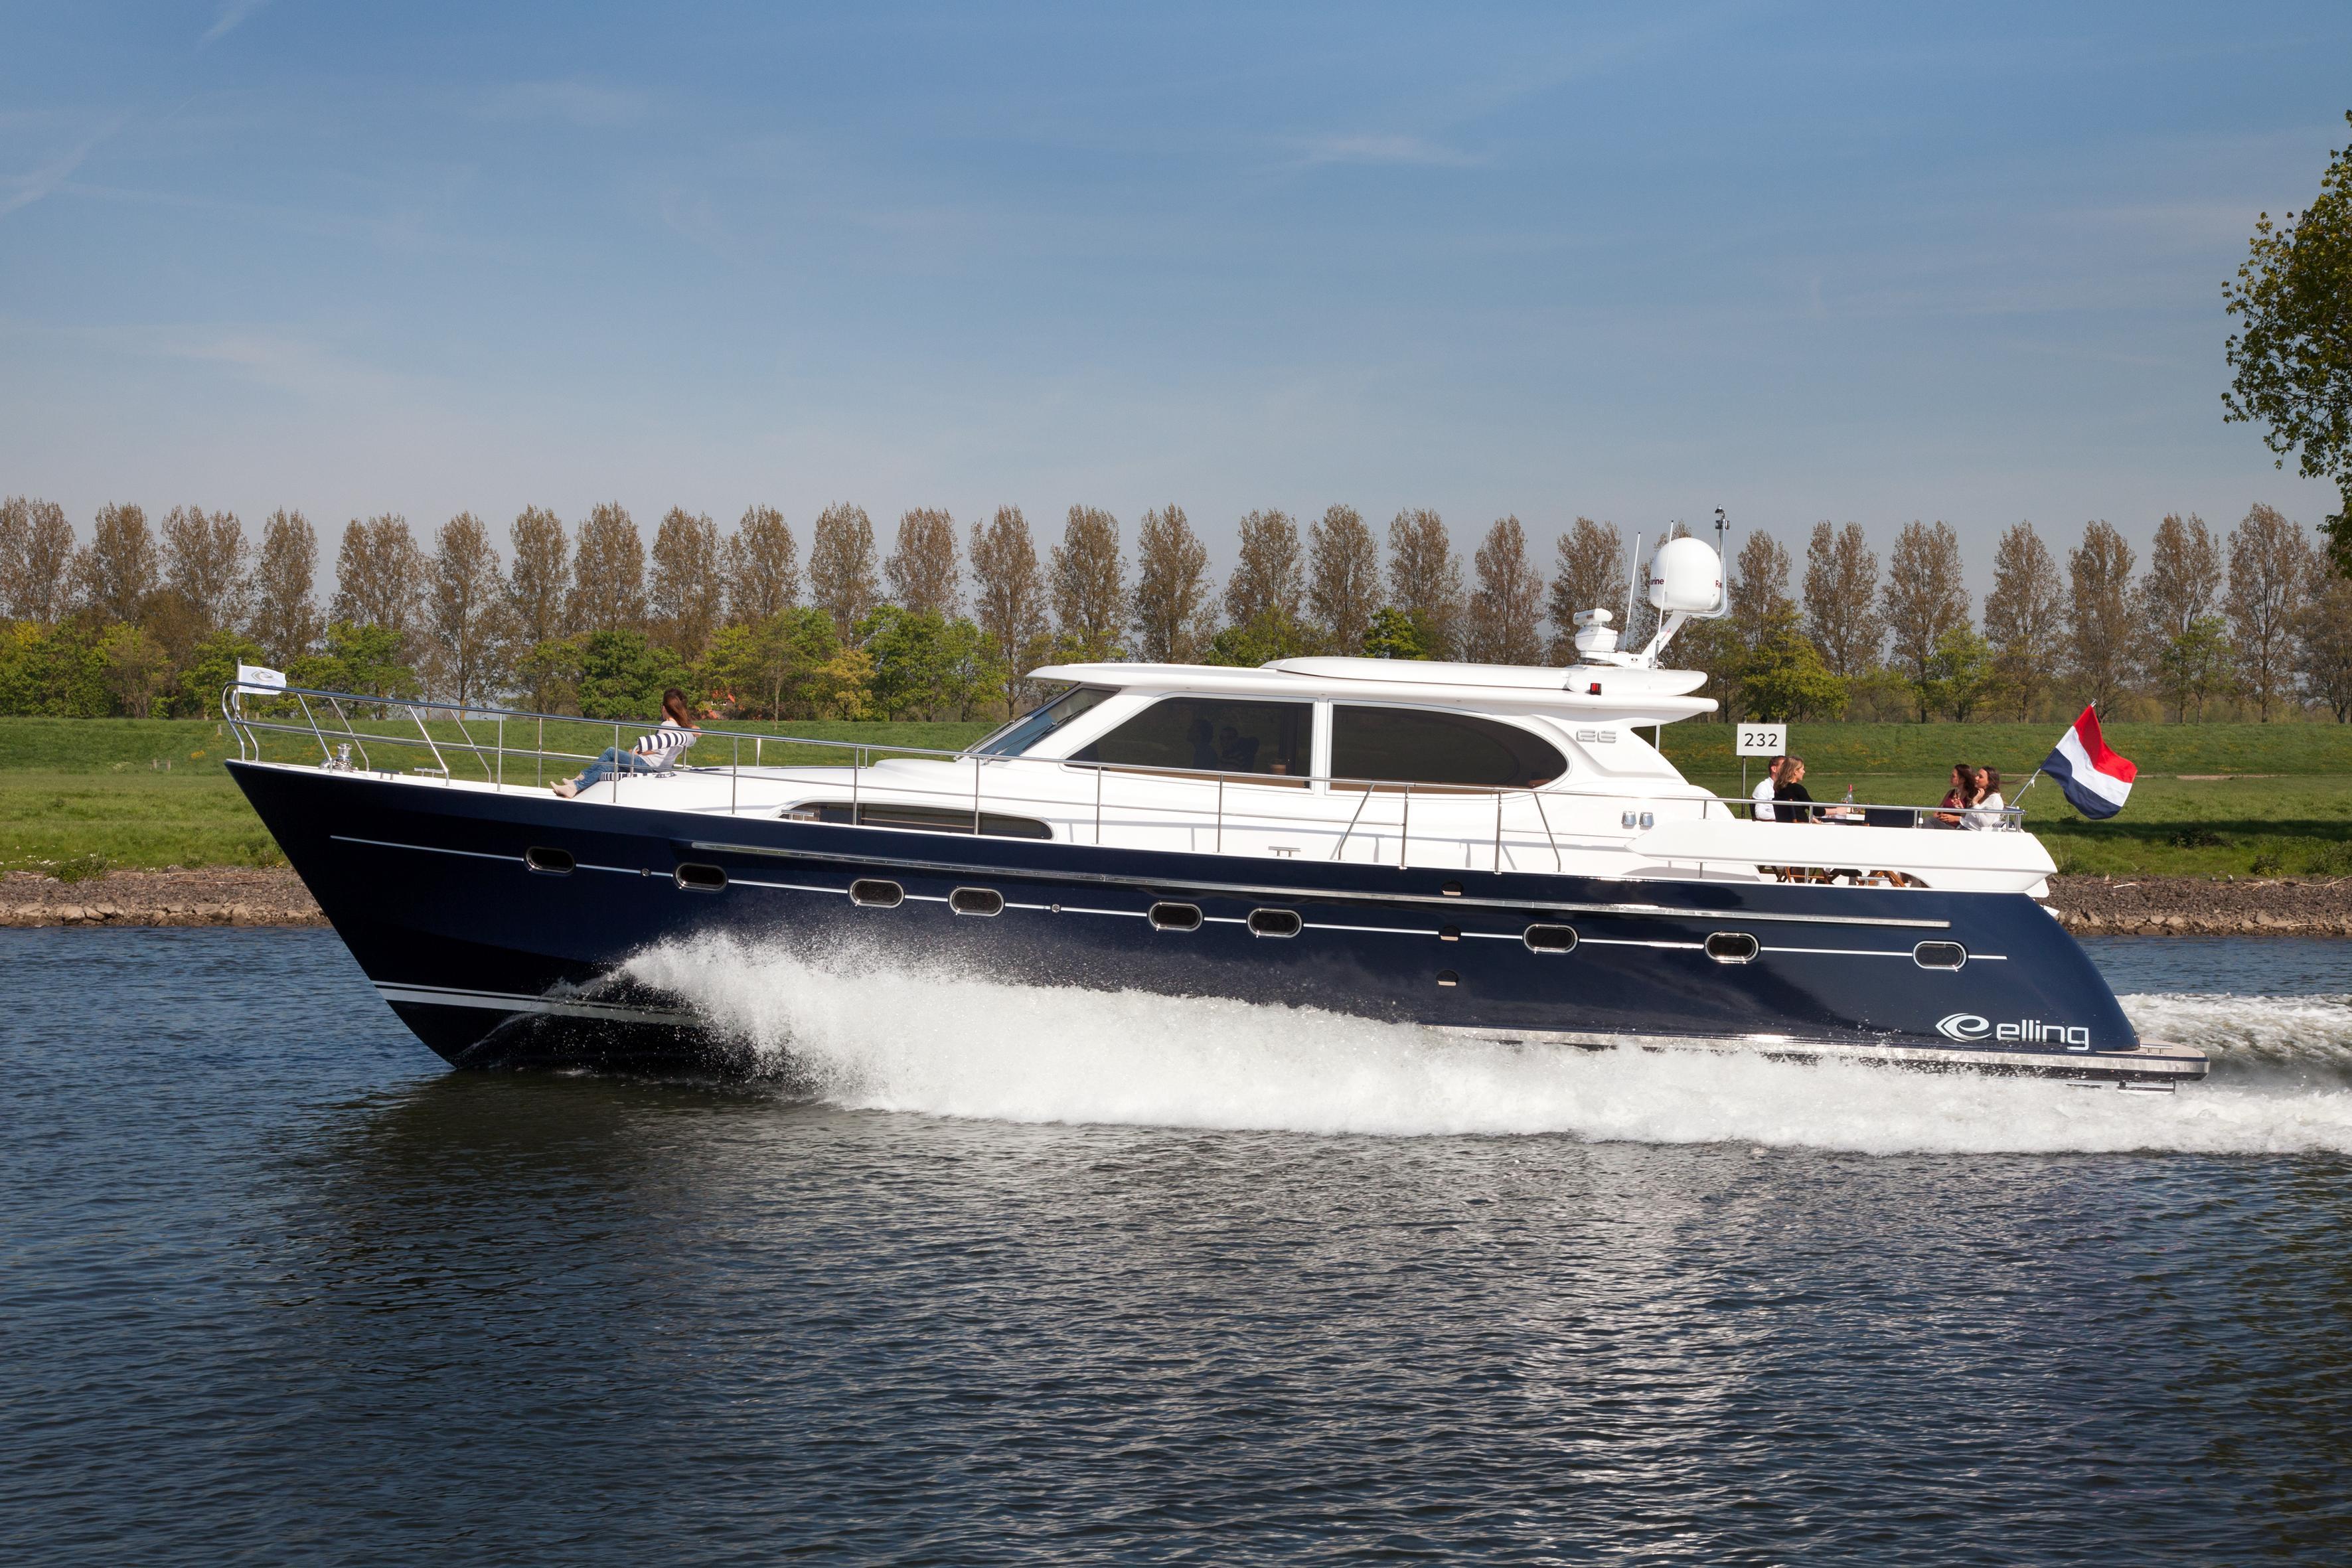 2019 Elling E6 Ultimate Power Boat For Sale Www